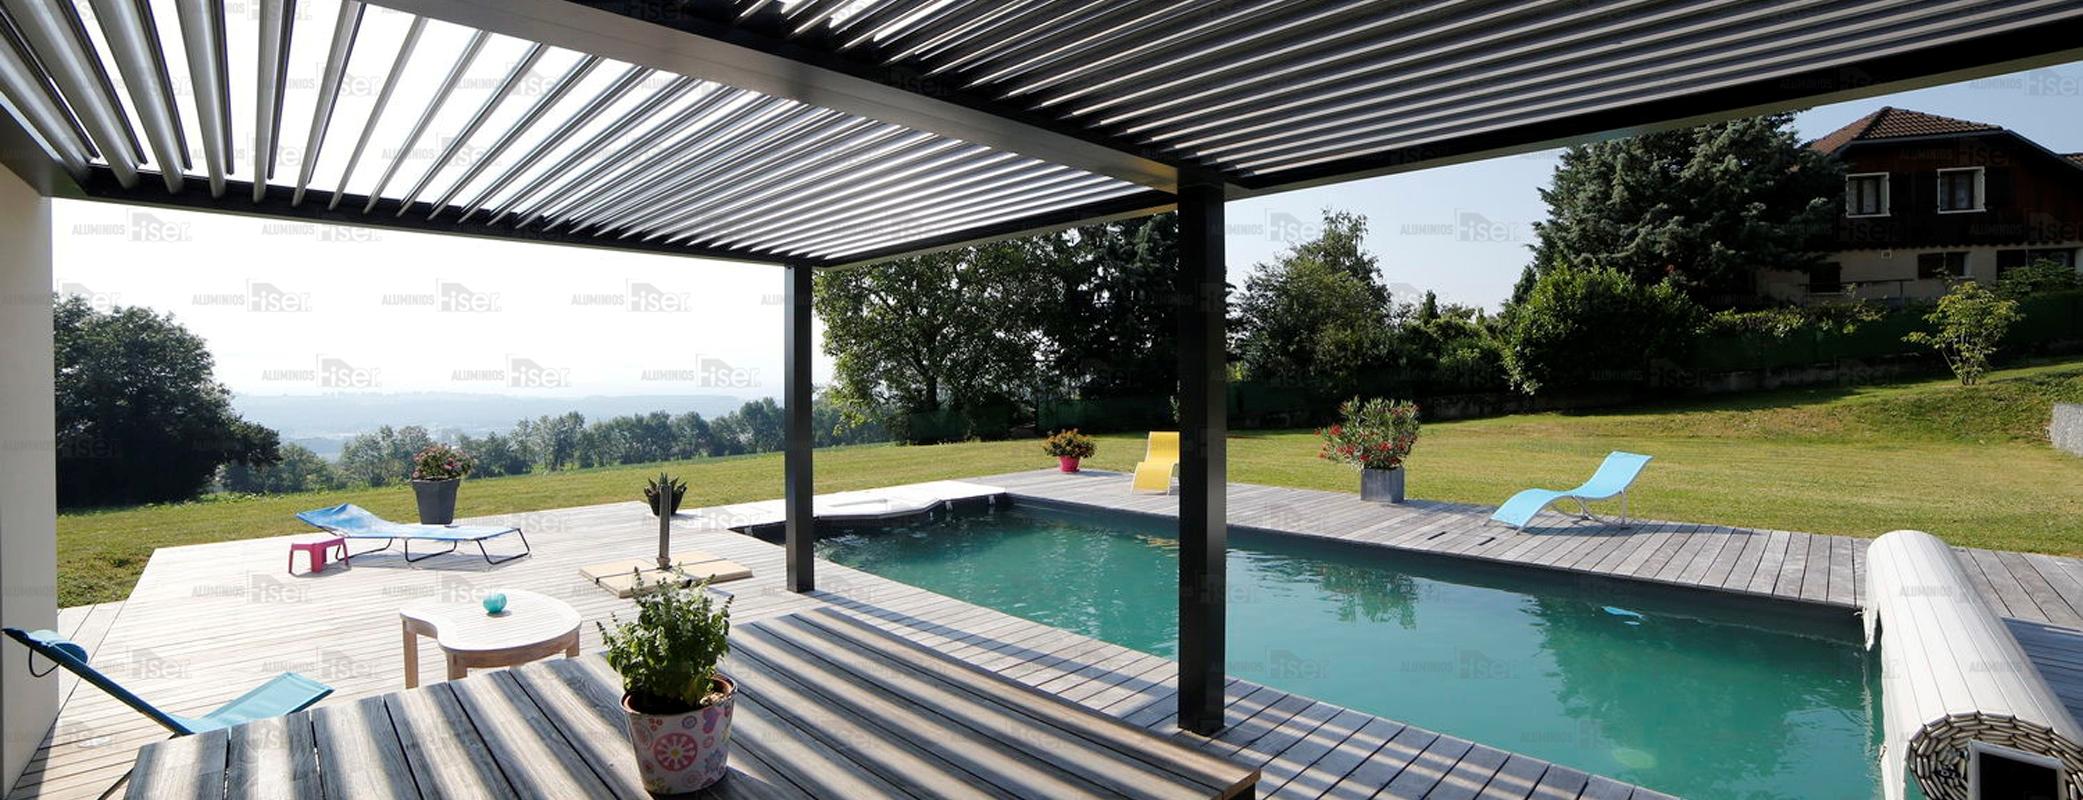 Toldos y pergolas de jardin aluminios fiser - Toldos sol y sombra ...